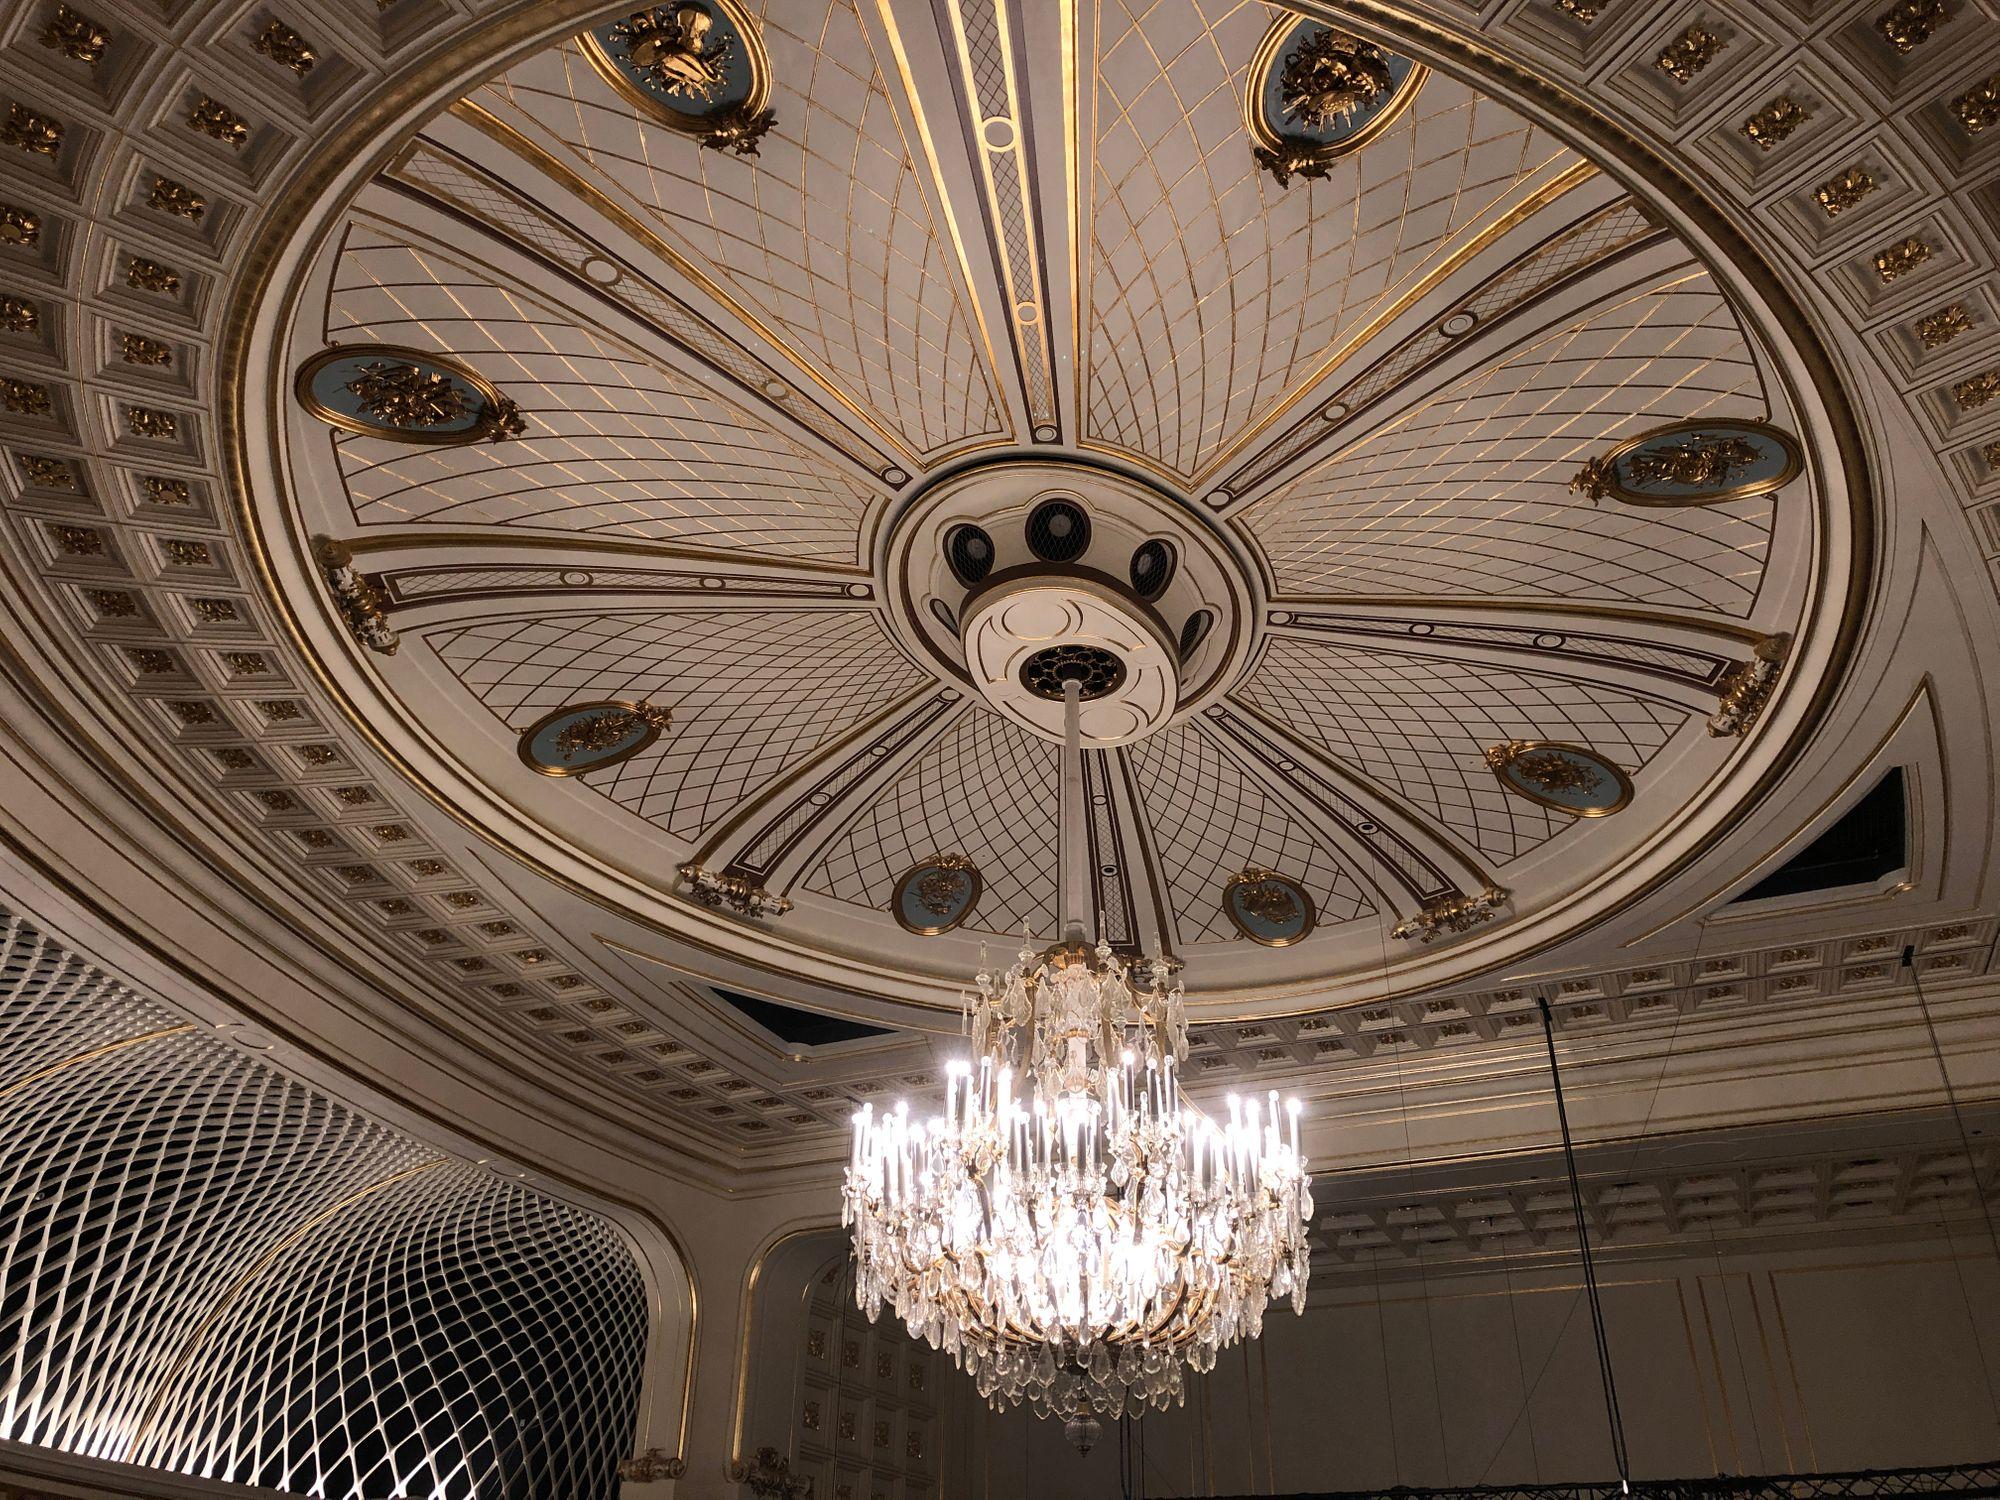 Bis zu 30% Rabatt in den Millennium Hotels in Europa sichern!